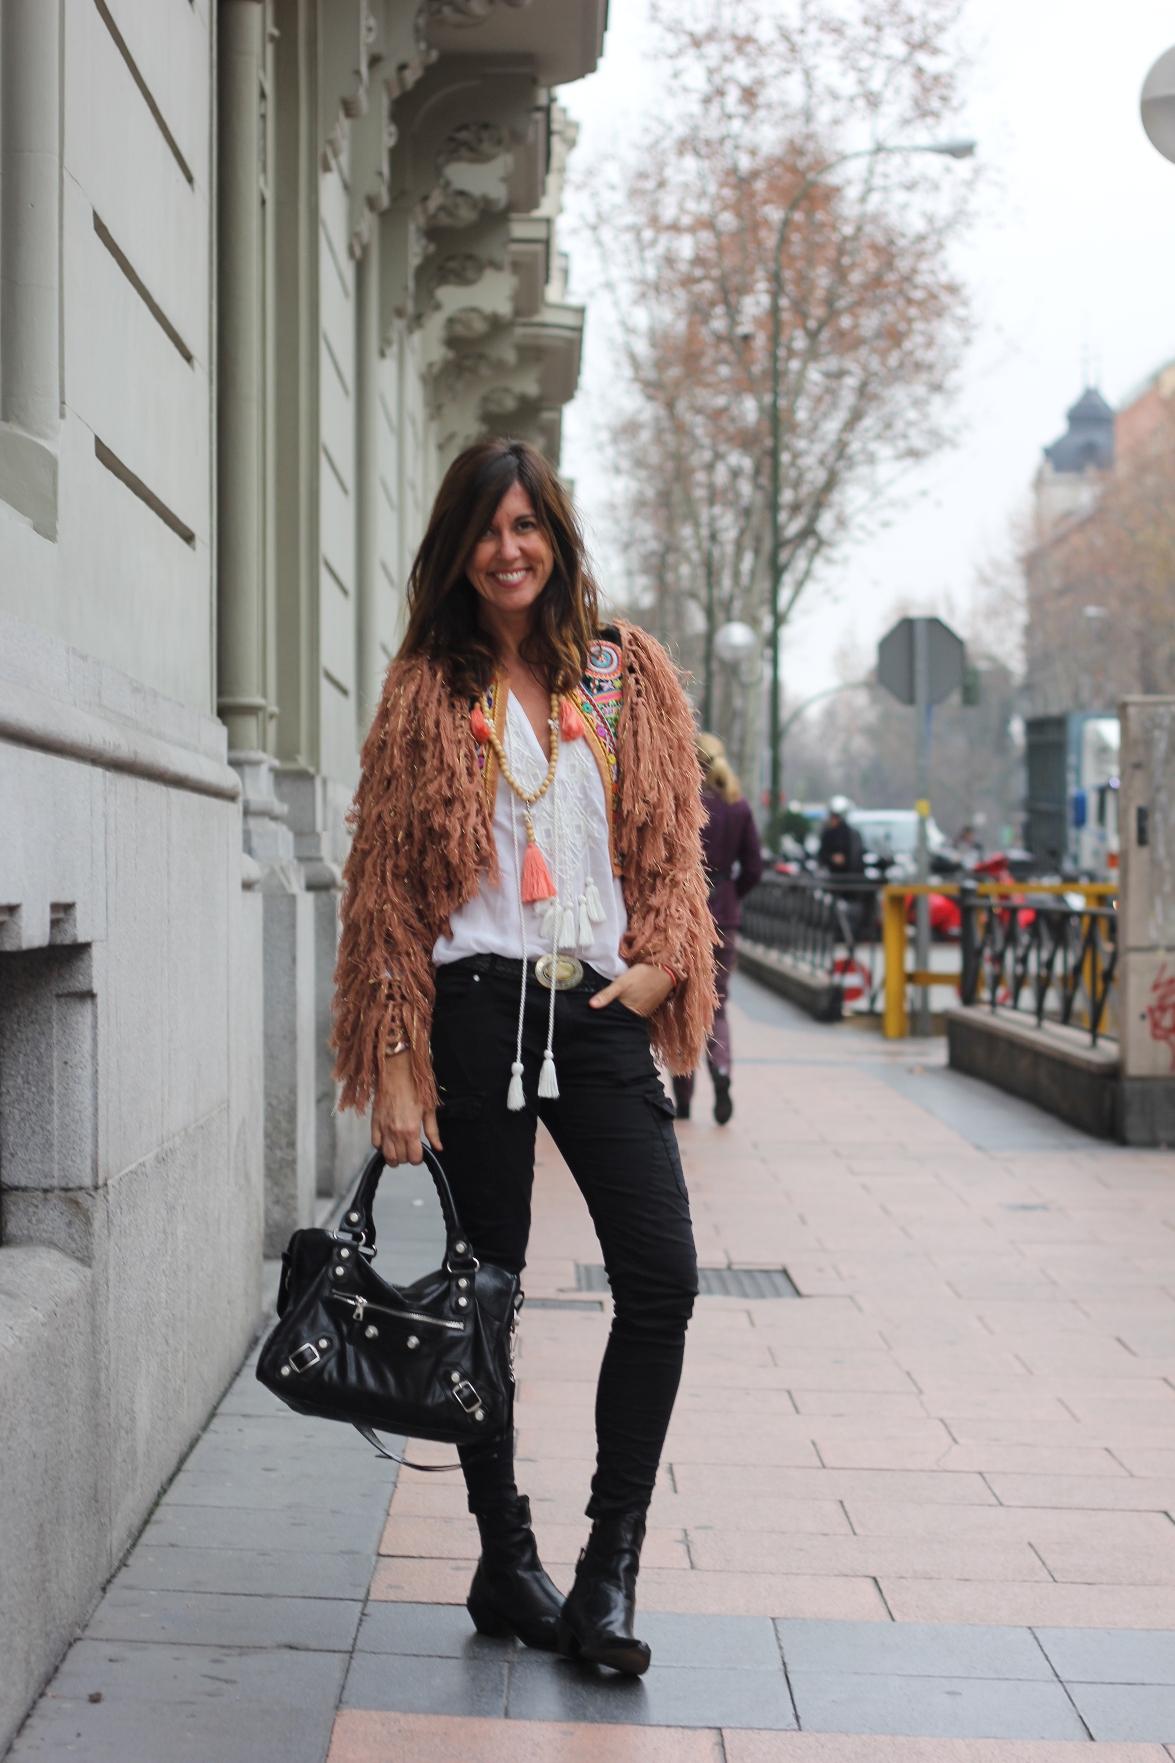 mytenida cargo pants #streetstyle-62704-mytenida